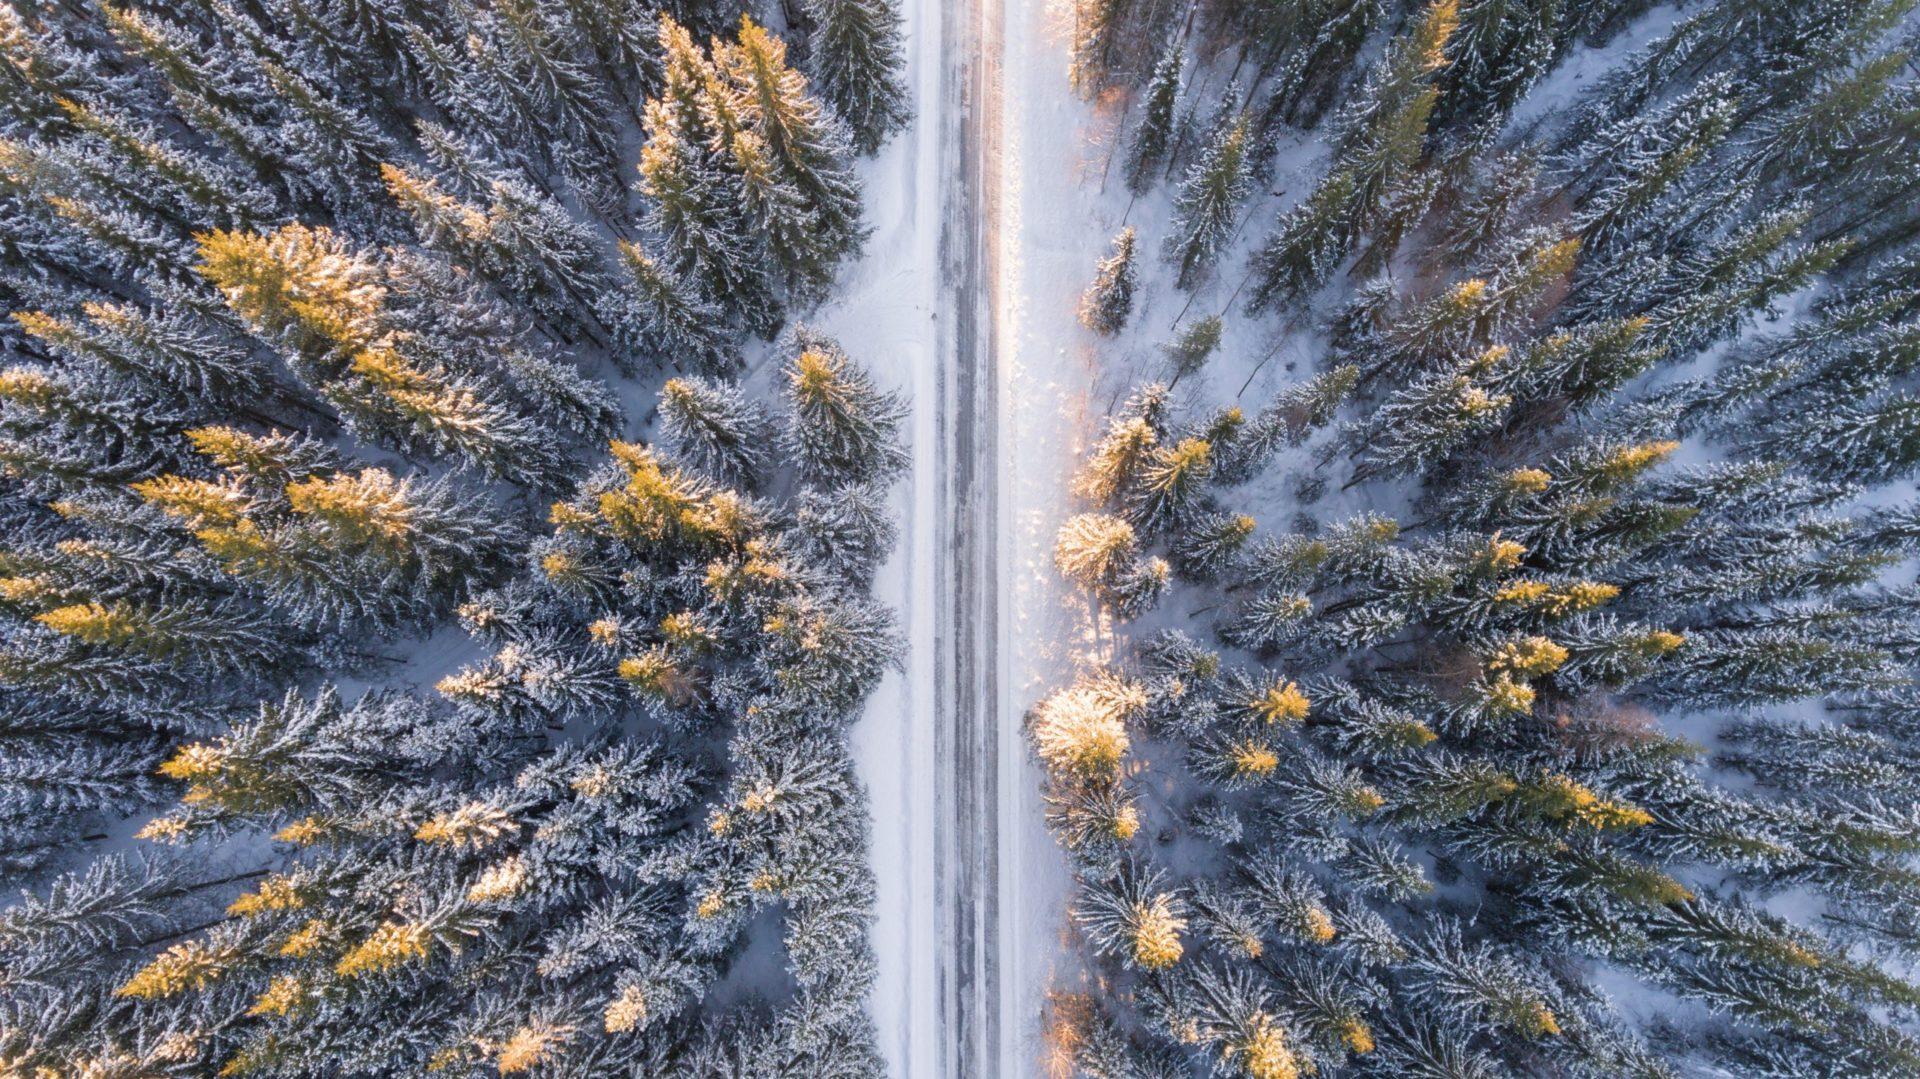 Sniegots ceļš ziemā, egles